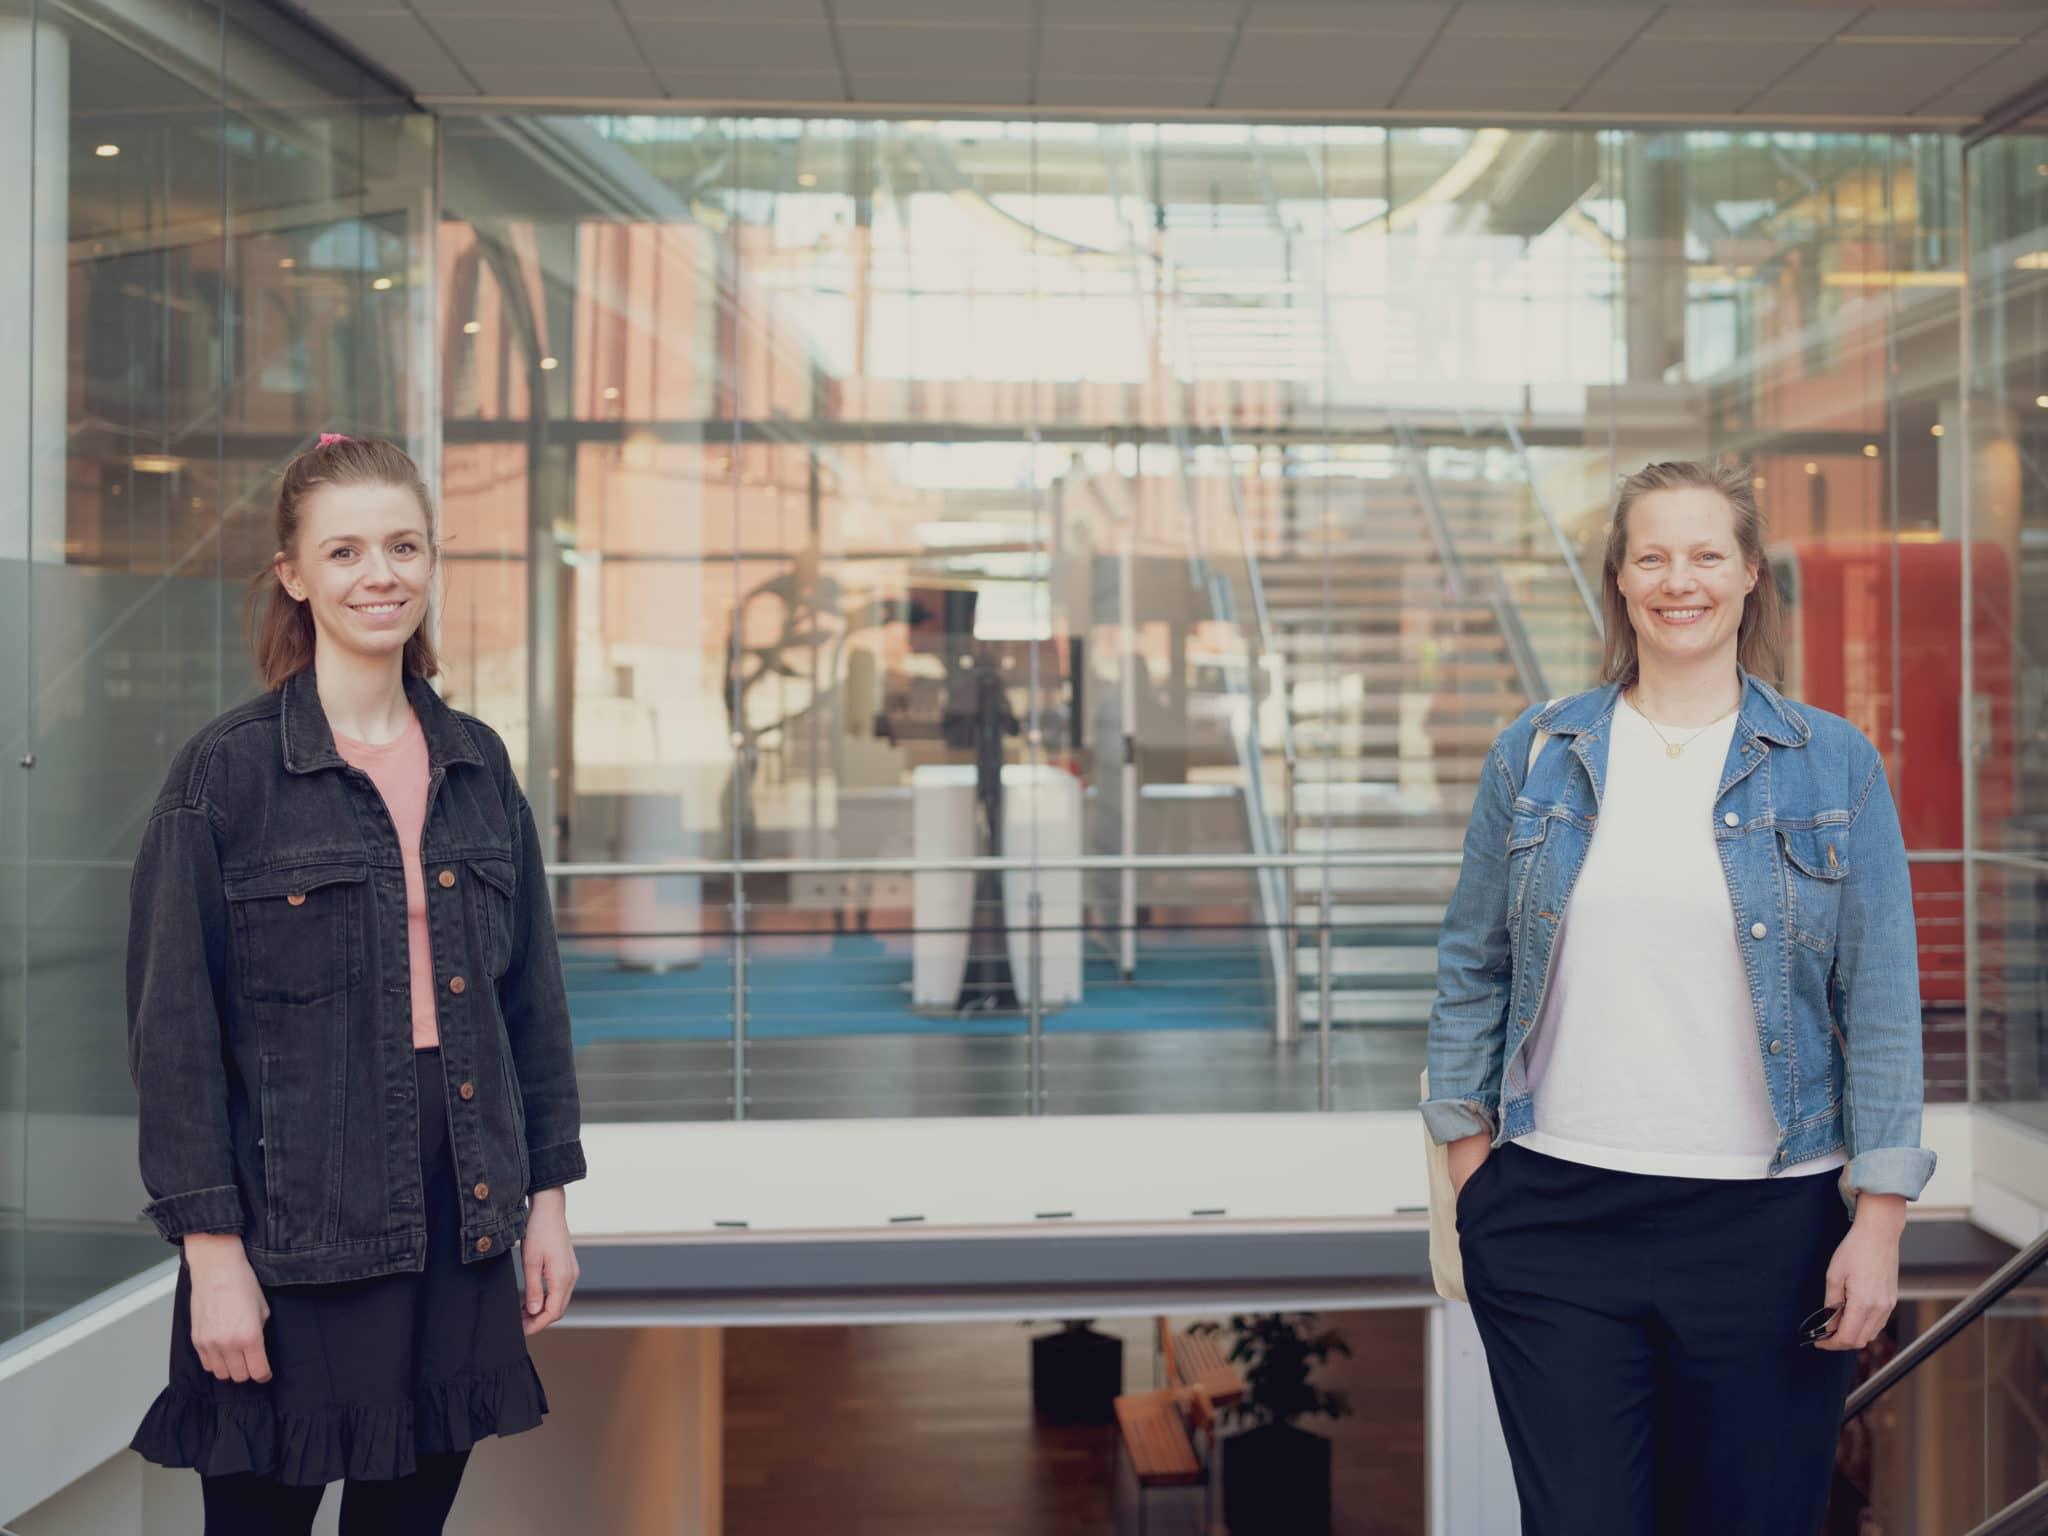 Marie Tønnessen og Maren Skjelde. Foto: Tord Paulsen